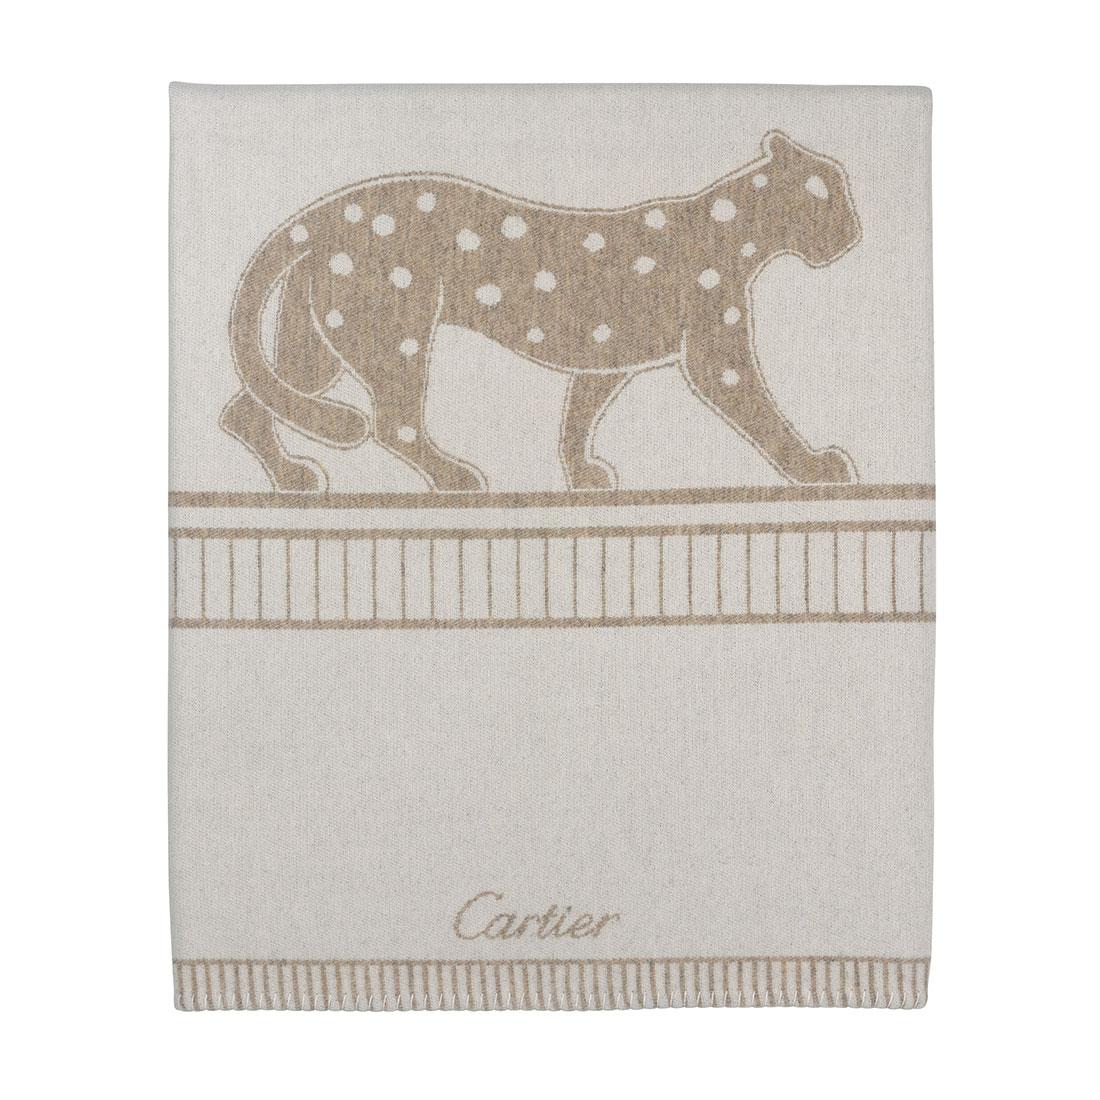 Cartier Objets фото